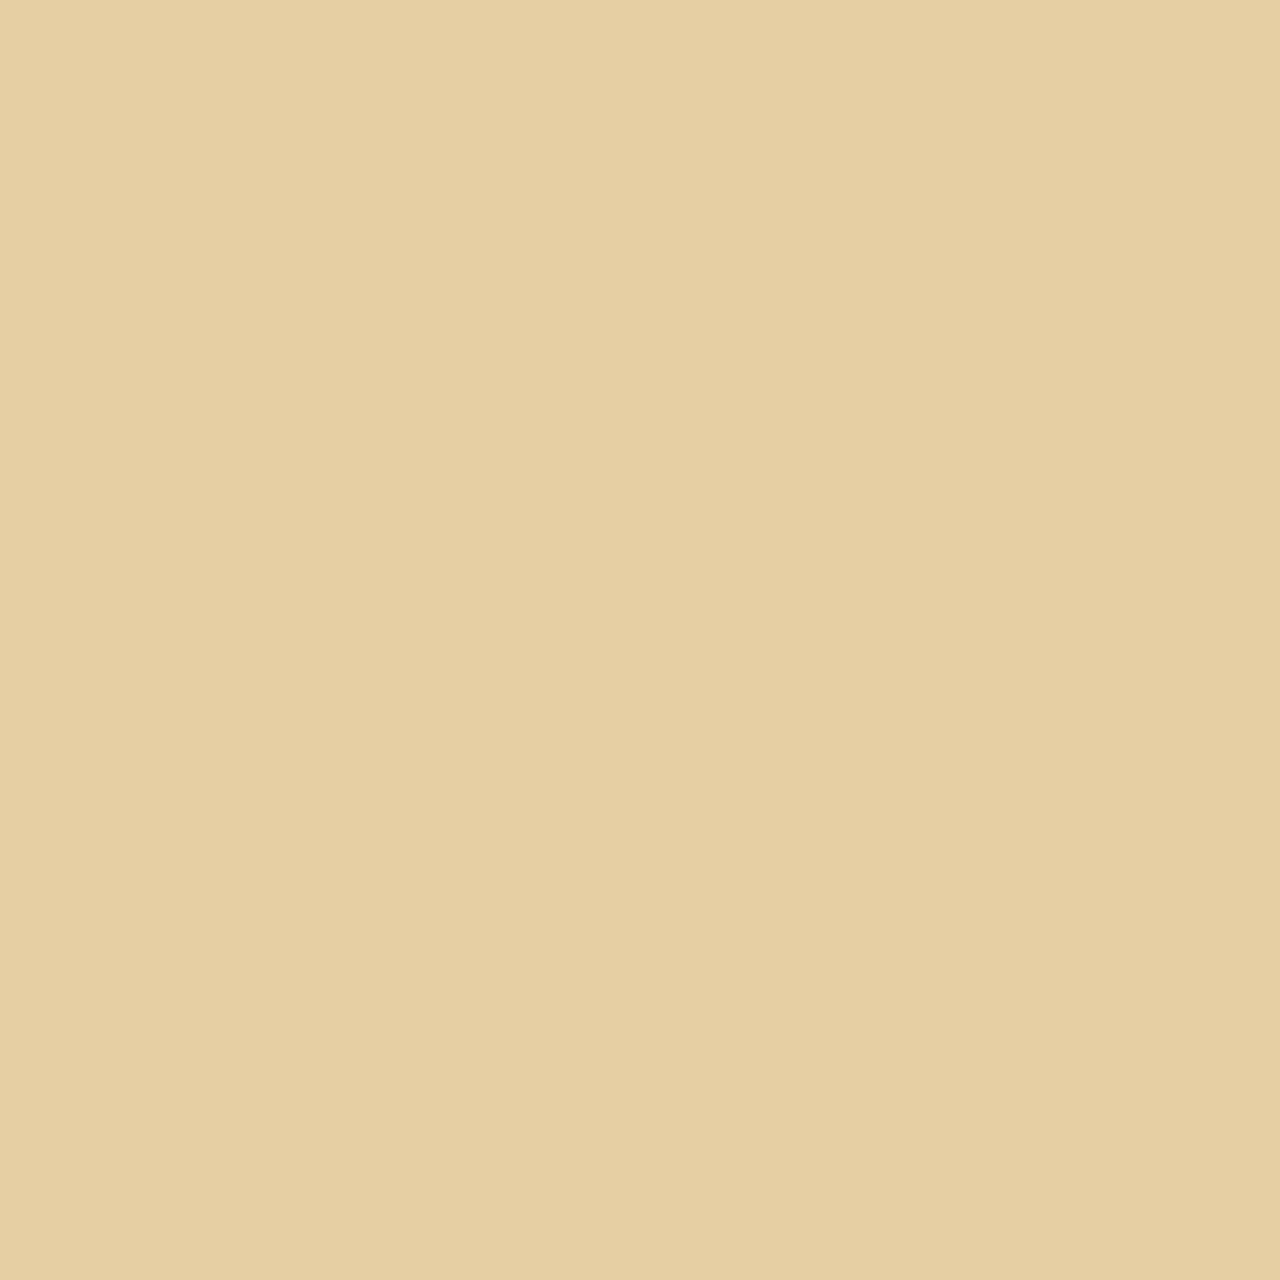 9075 Exclusiv